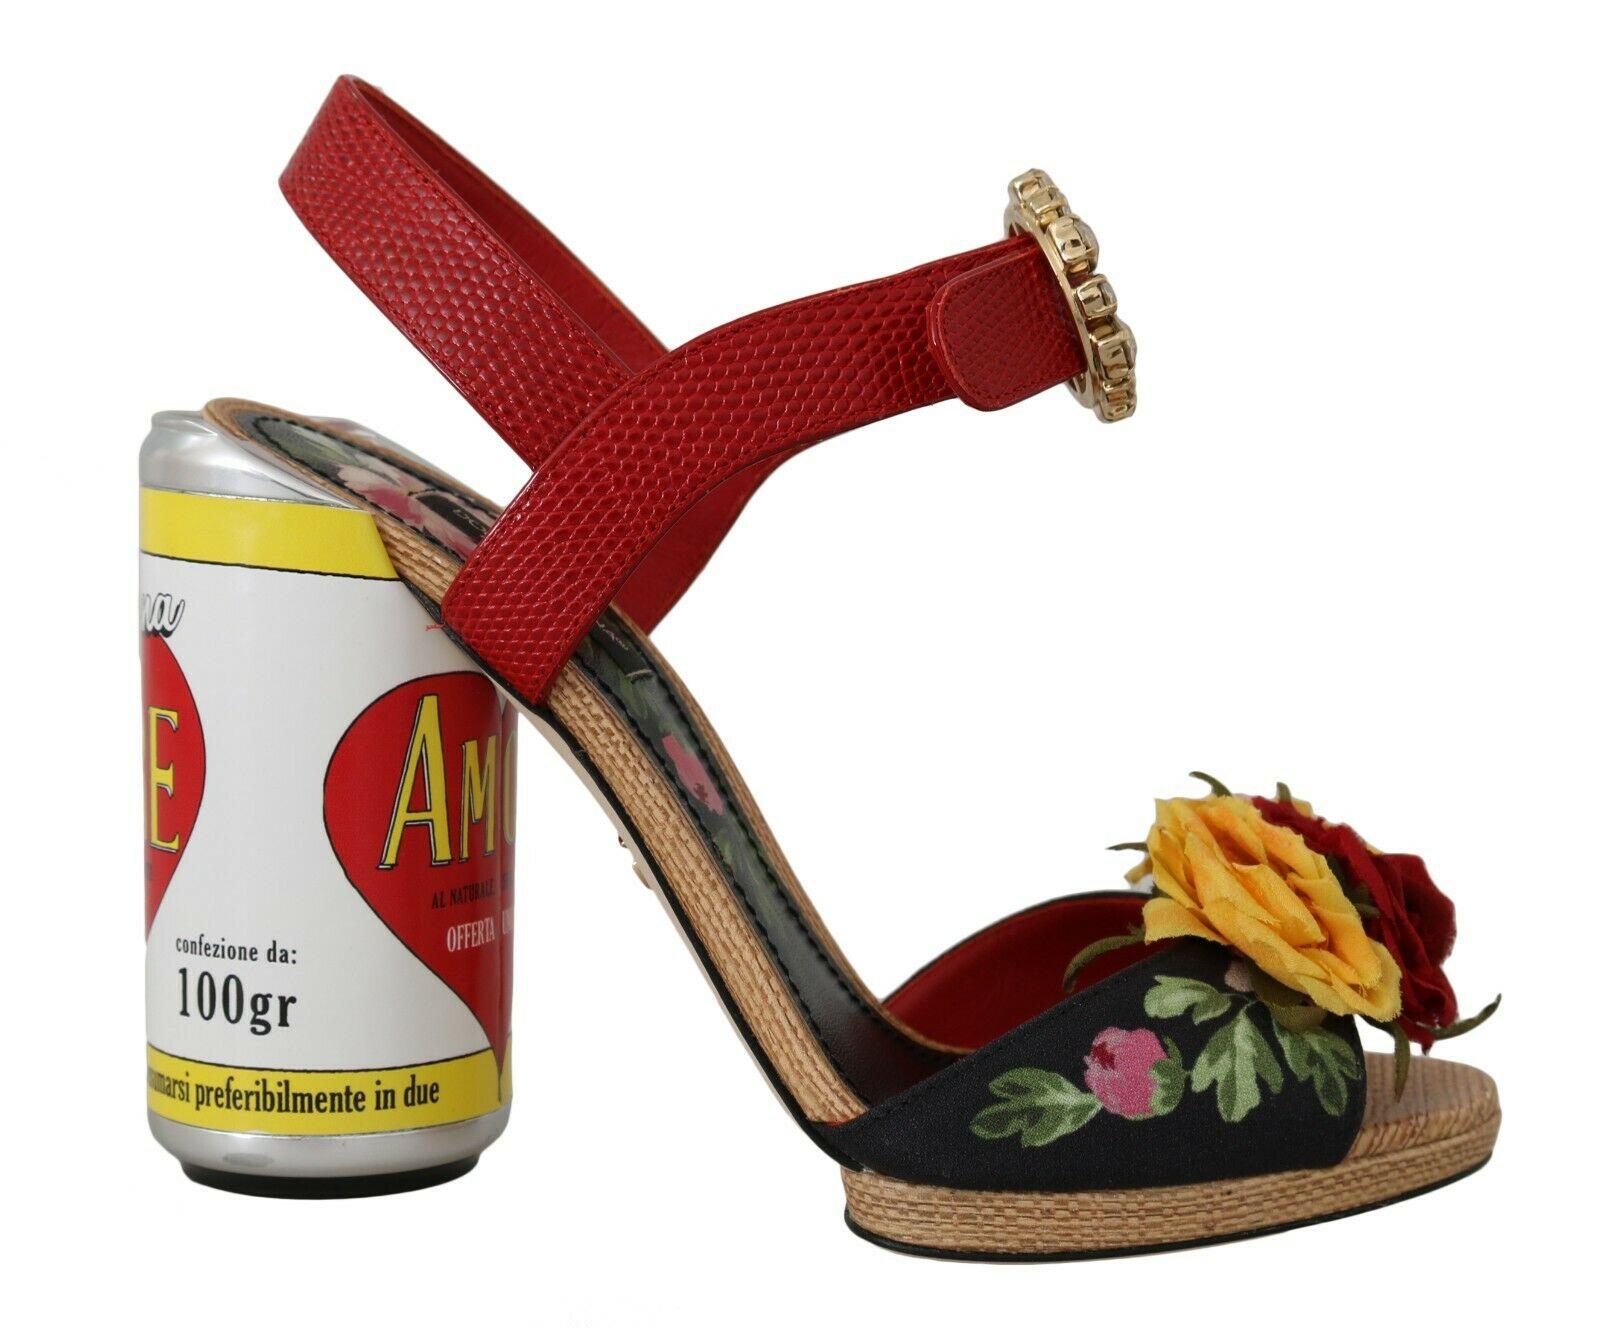 Dolce & Gabbana Women's Floral-Embellished AMORE Sandals Multicolor LA5788 - EU35/US4.5